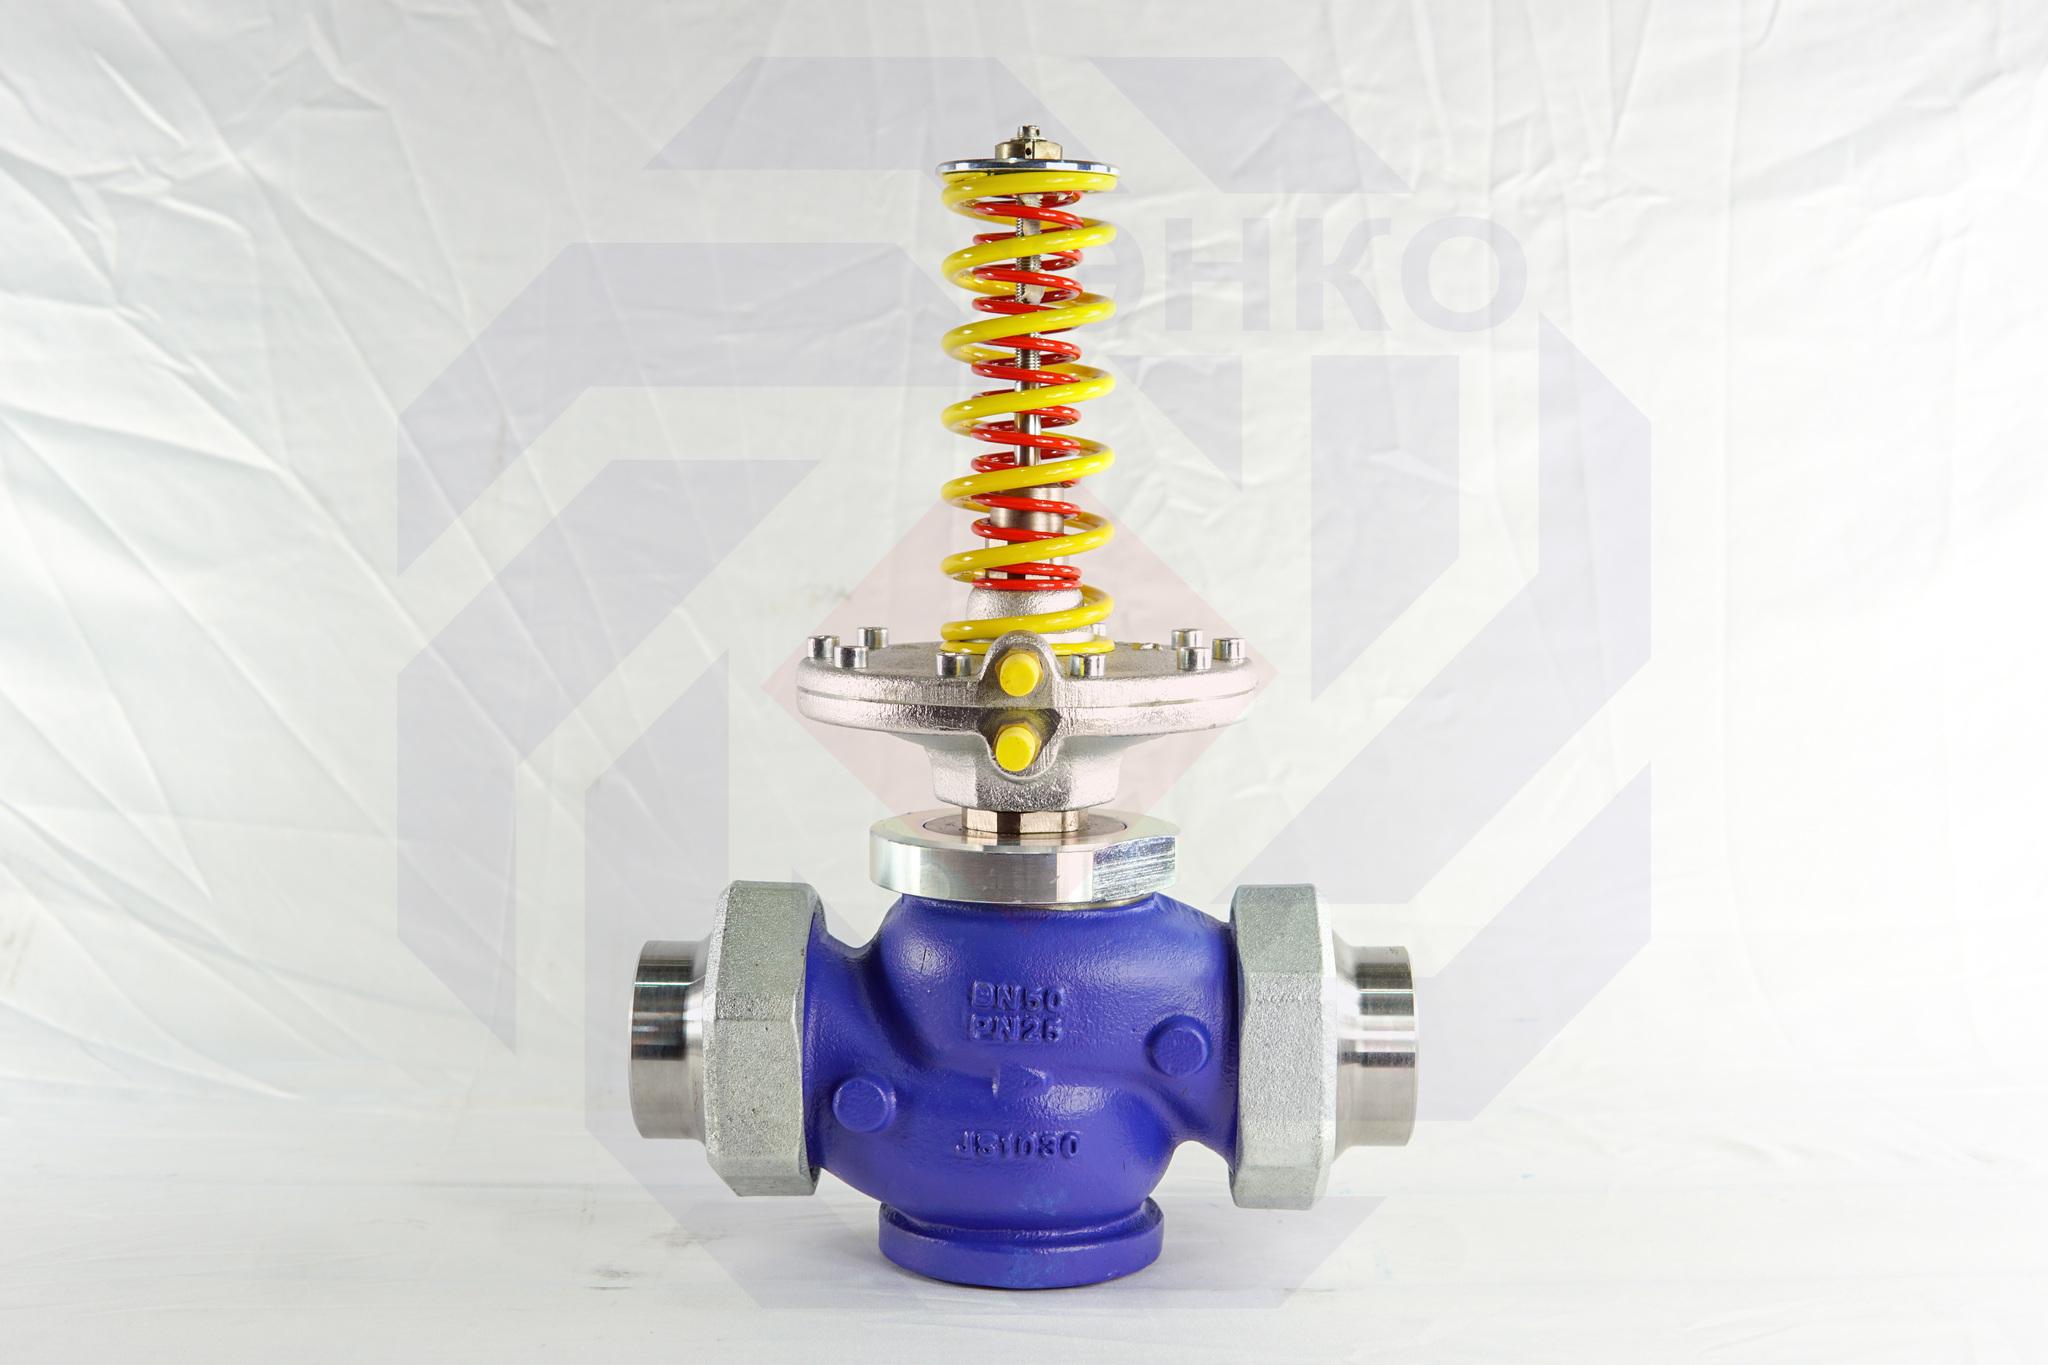 Регулятор перепада давления под приварку IMI DA 616 DN 50